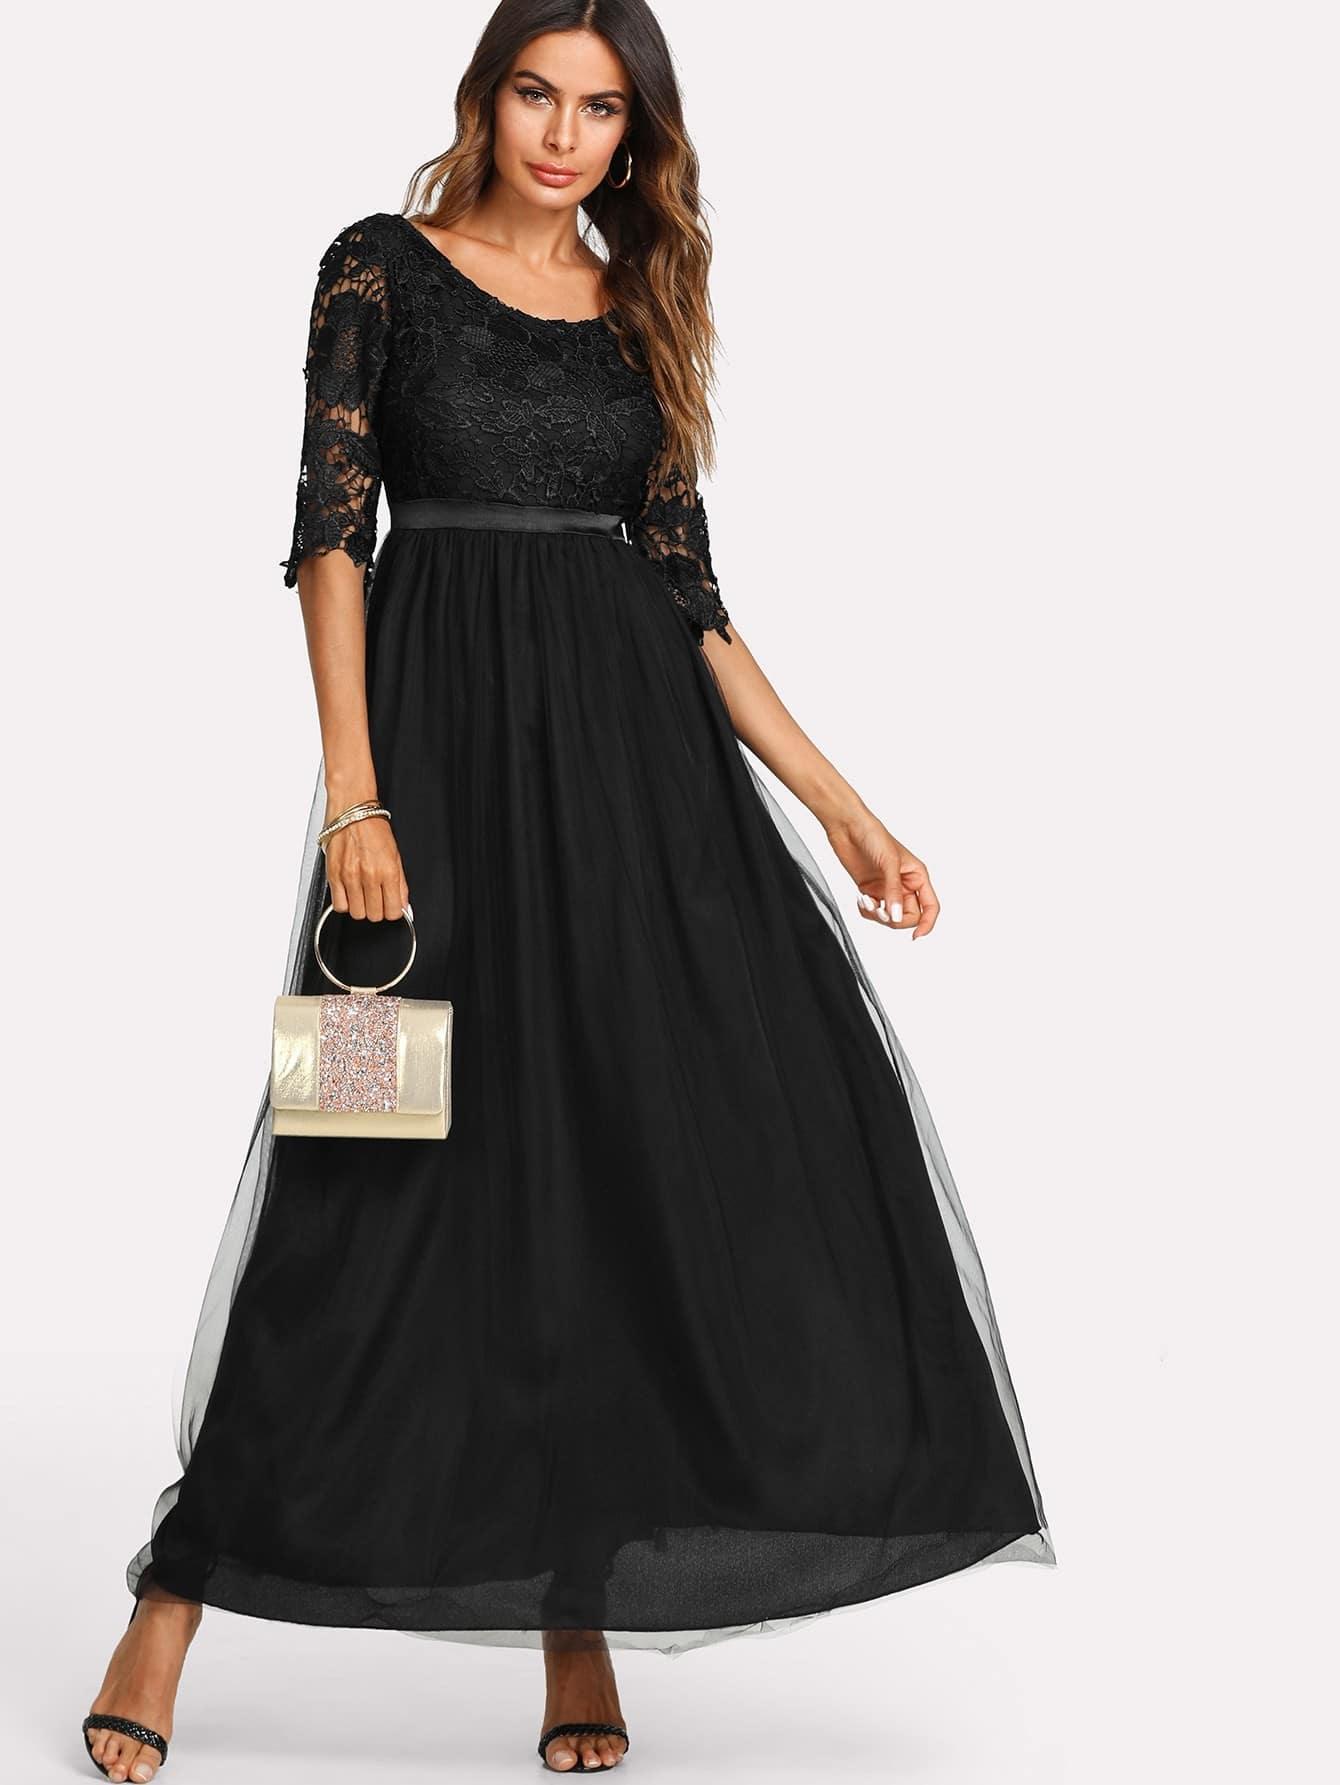 Lace Crochet Contrast Mesh Dress mesh contrast lace top